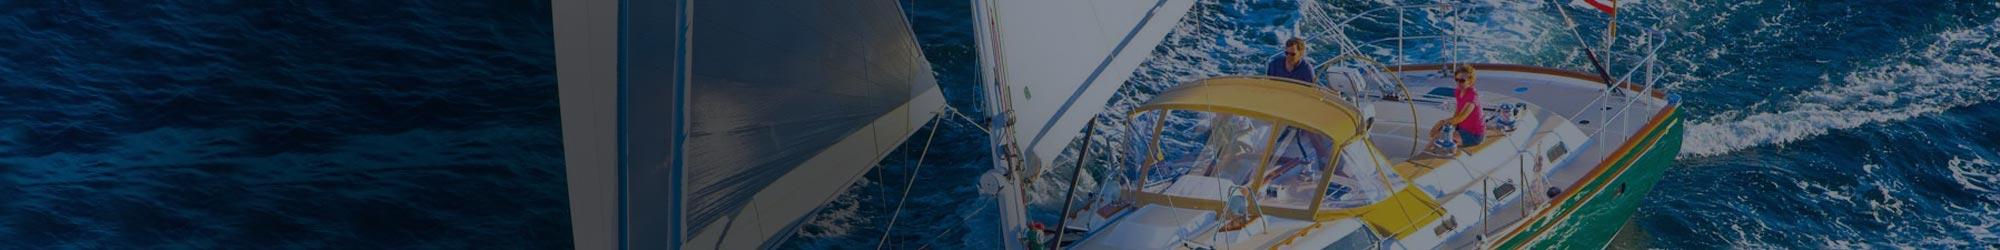 offshore-banner.jpg